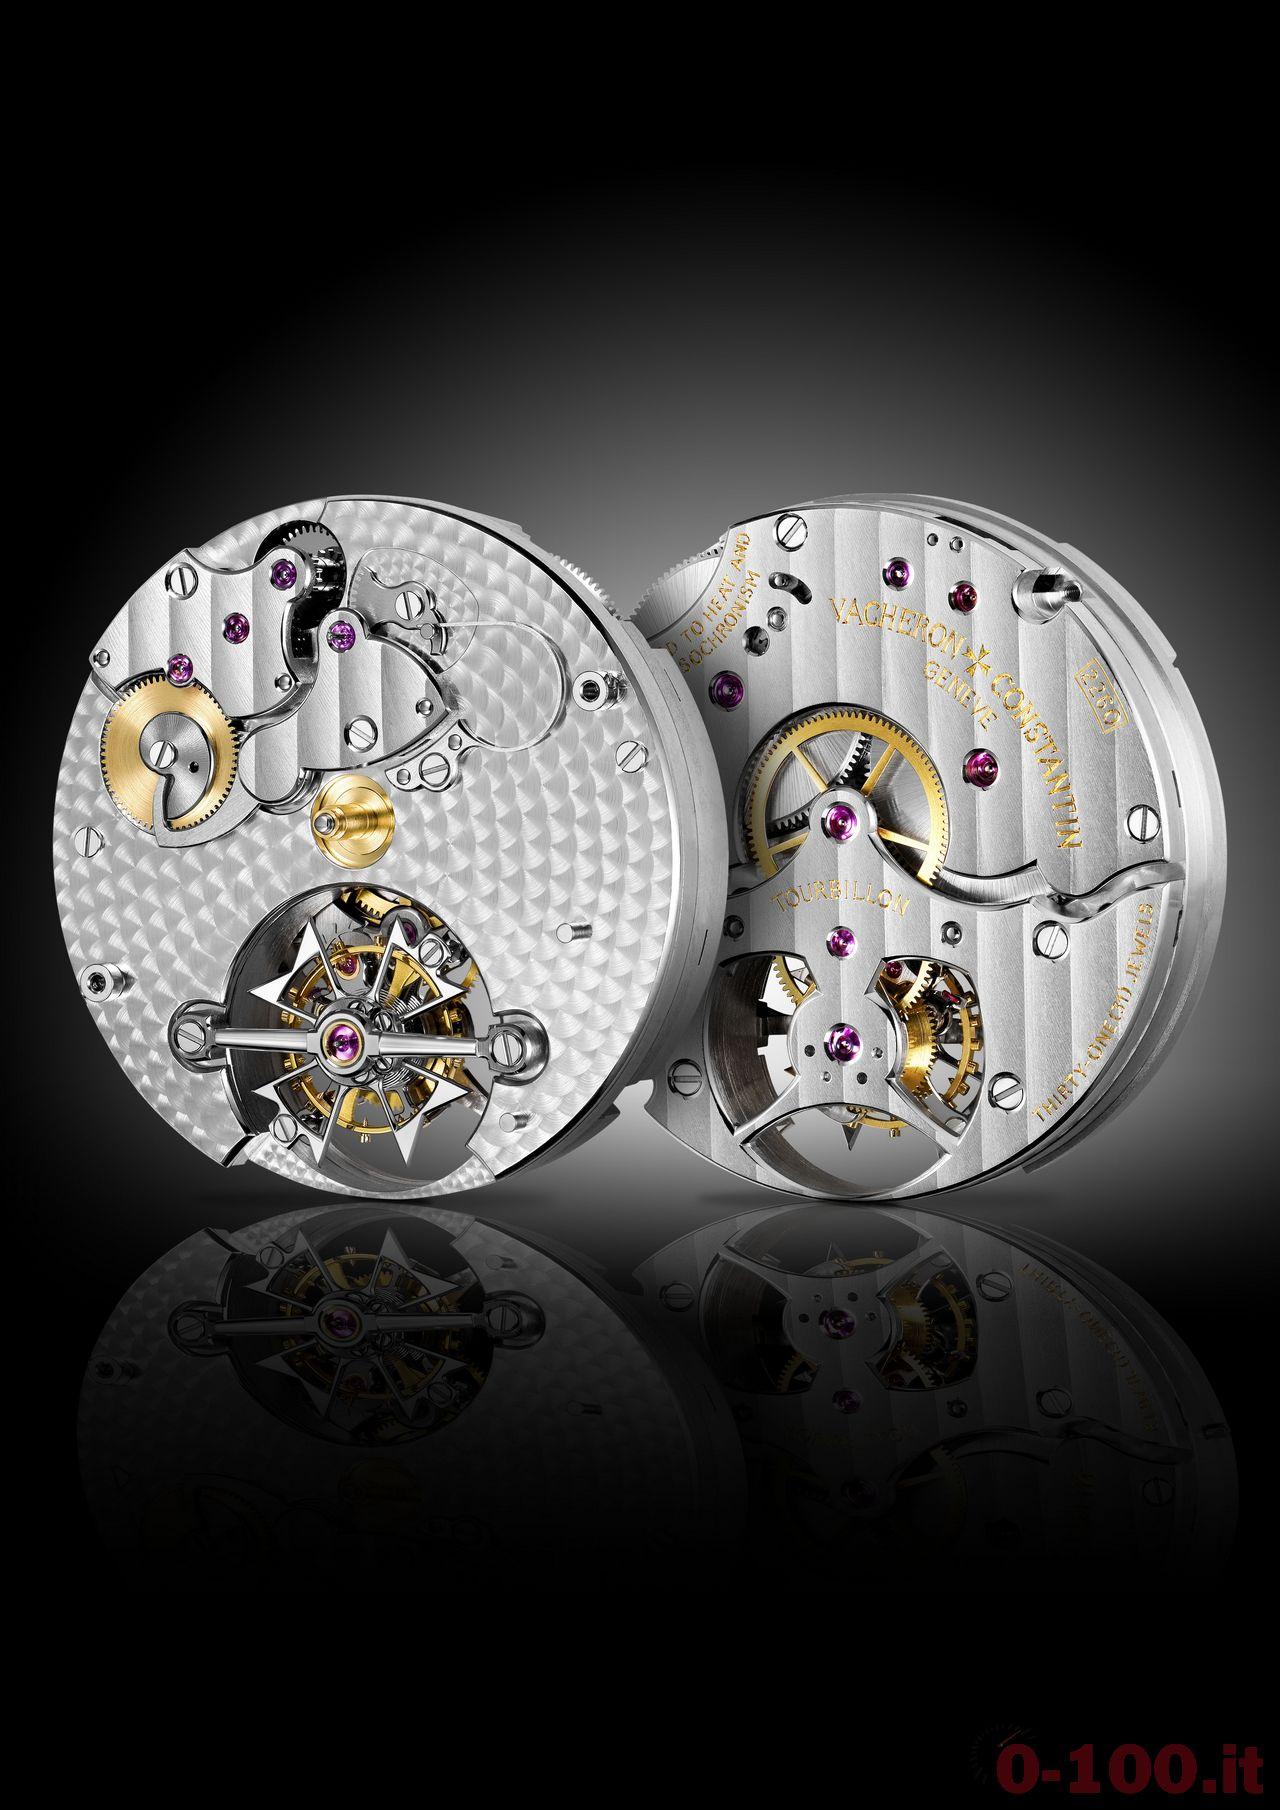 gli-speciali-di-0-100-vacheron-constantin-ginevra-dove-produrre-un-orologio-e-un-mestiere-darte_0-1004